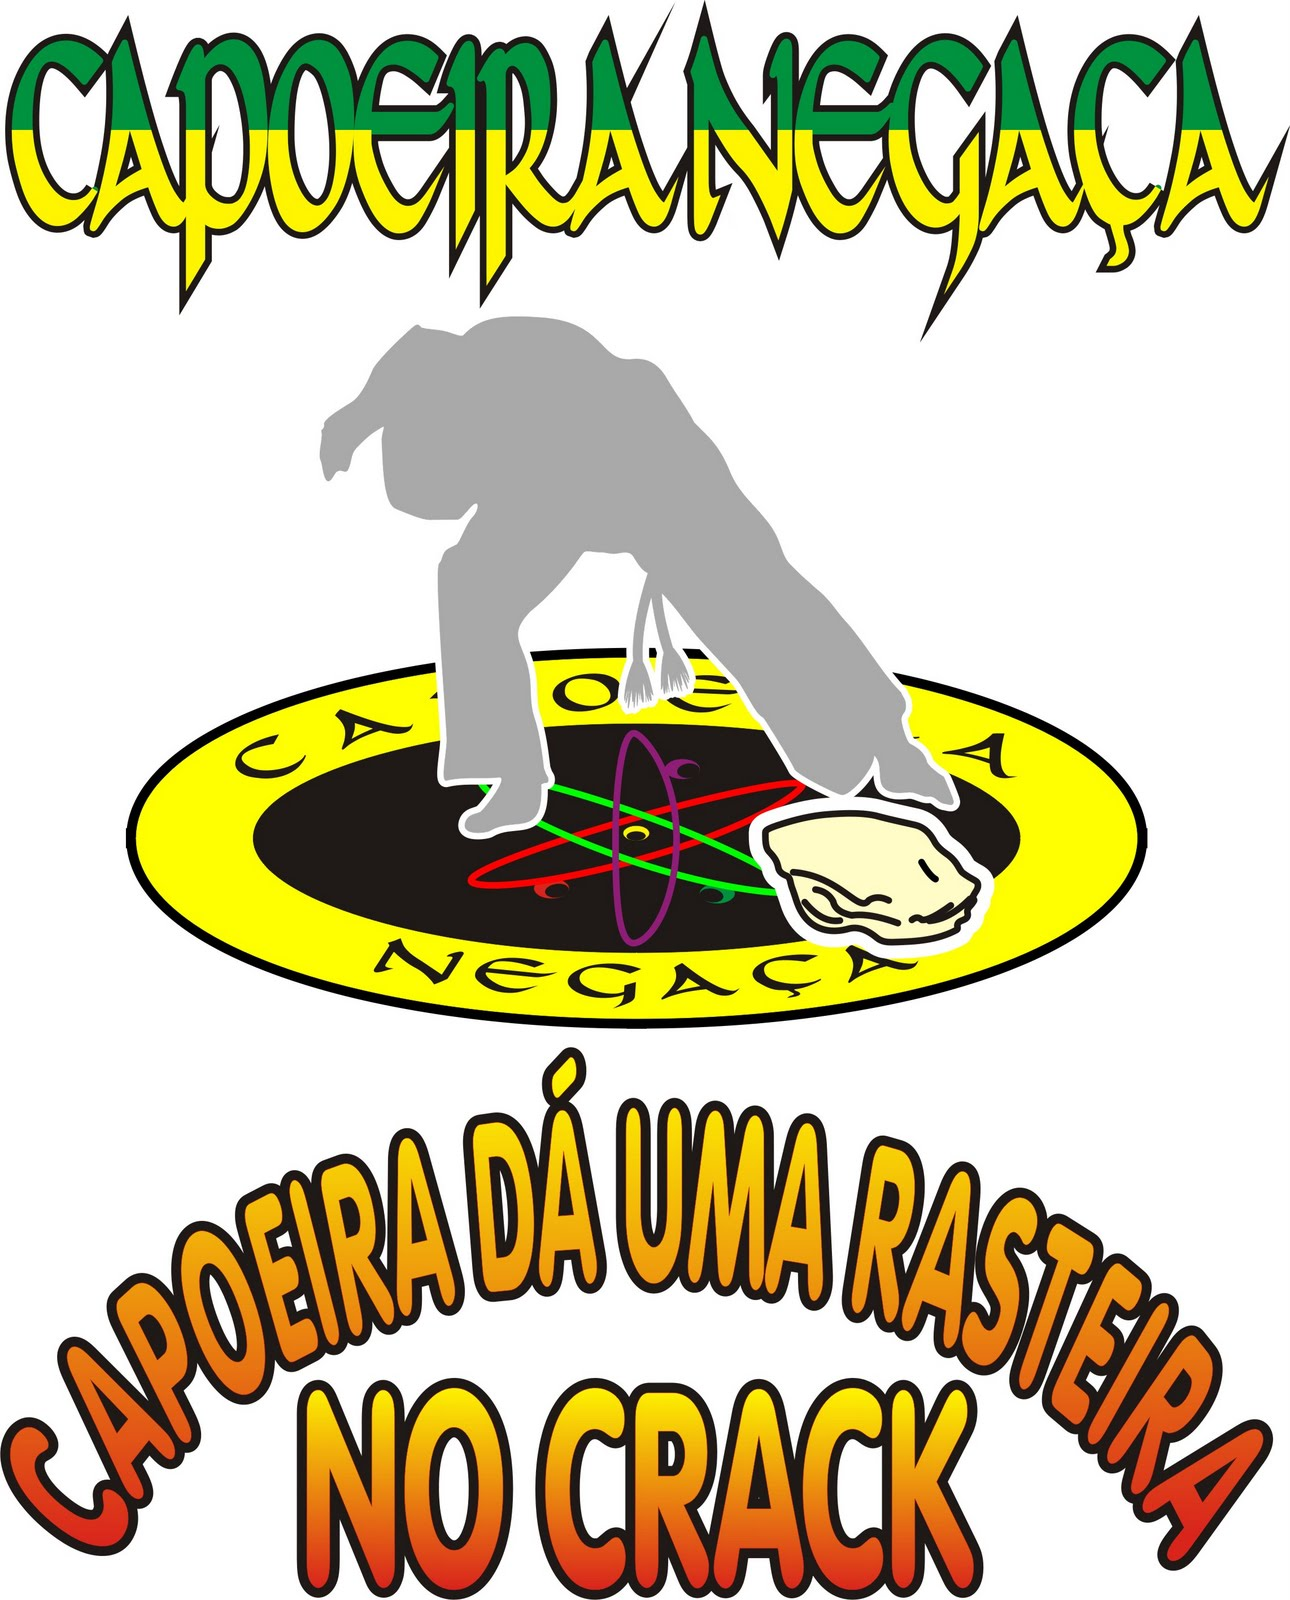 Capoeira Negaça Sergipe-Brasil: ACONTECEU NA CIDADE DE ...